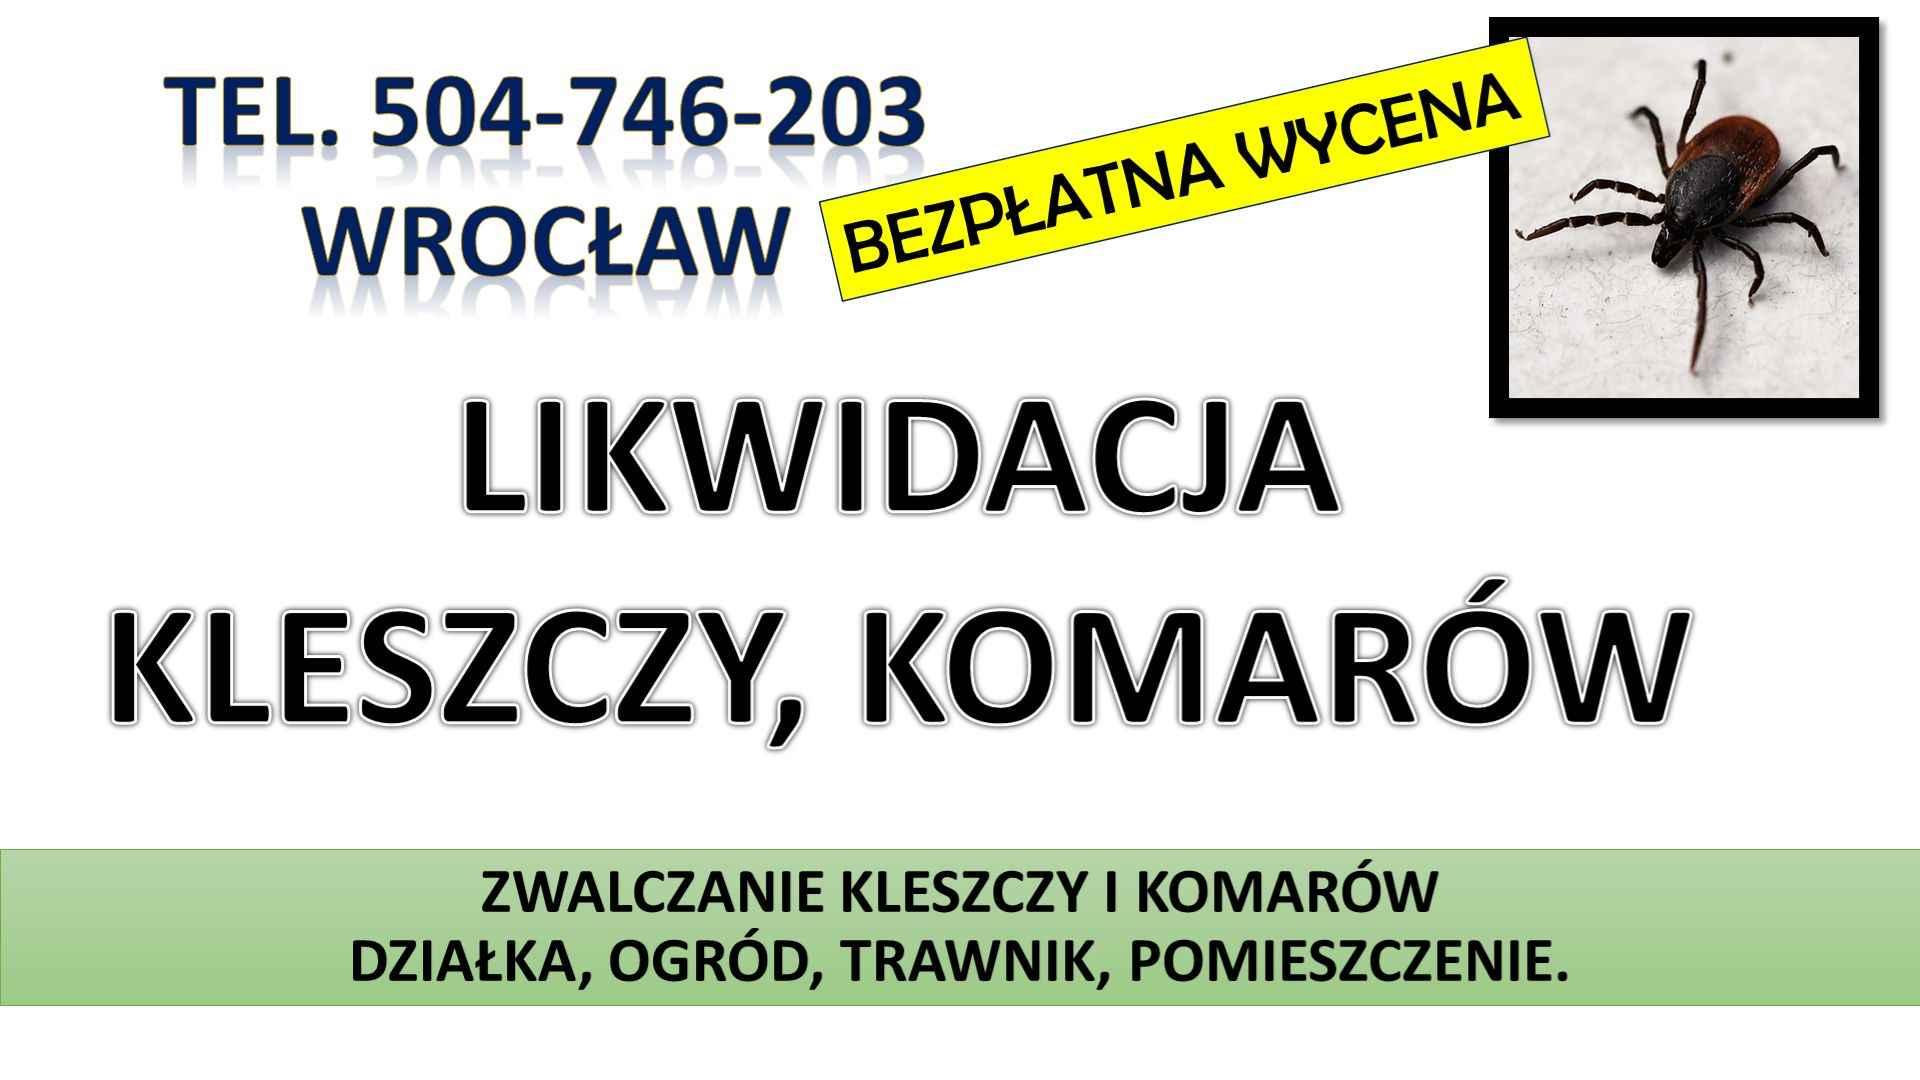 Zwalczanie kleszczy, cena, Wrocław, t504-746-203, Opryski, likwidacja. Psie Pole - zdjęcie 7